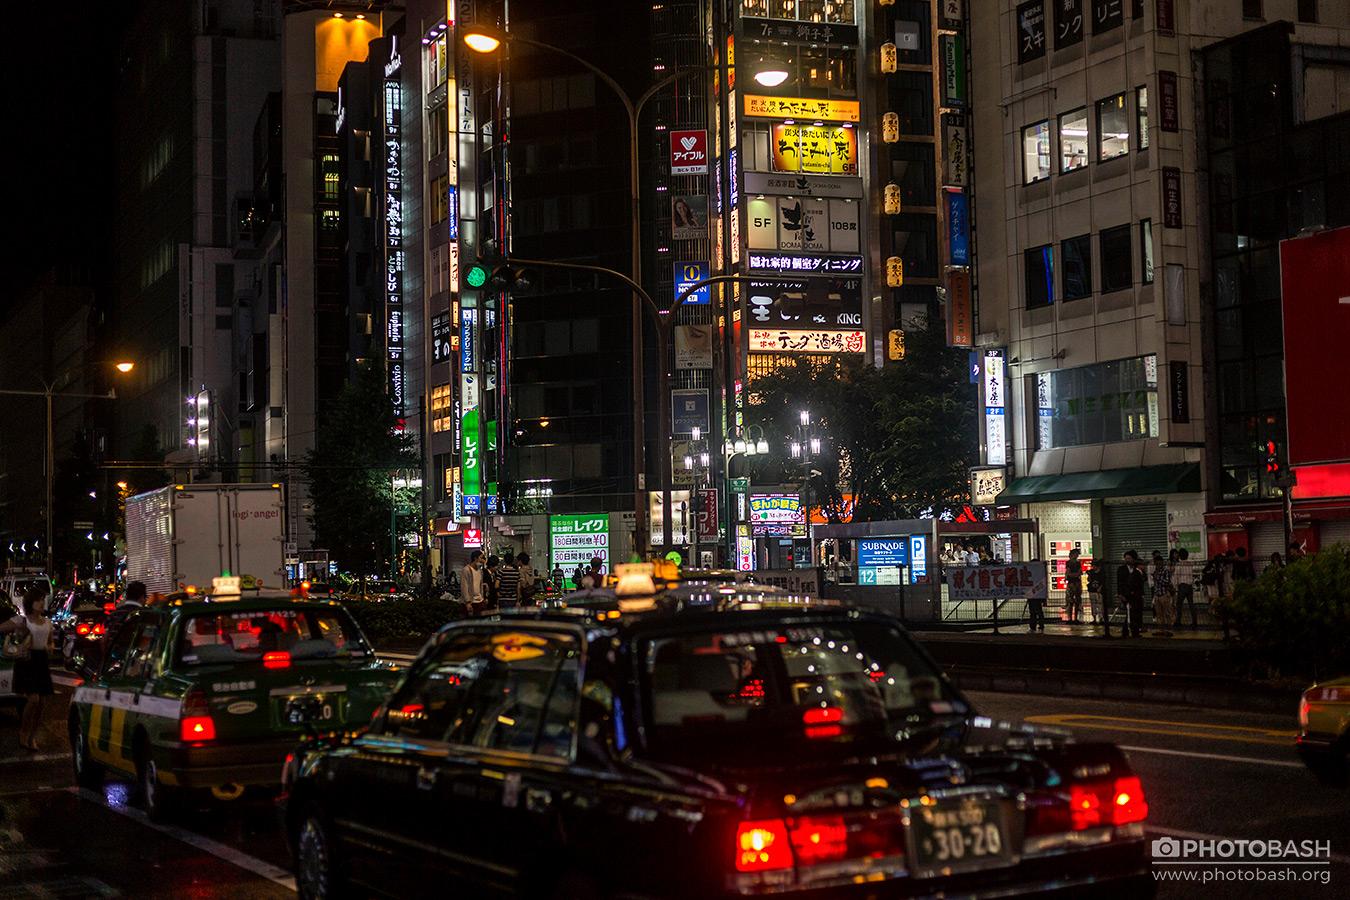 Tokyo-Cyberpunk-Shinjuku-Traffic.jpg